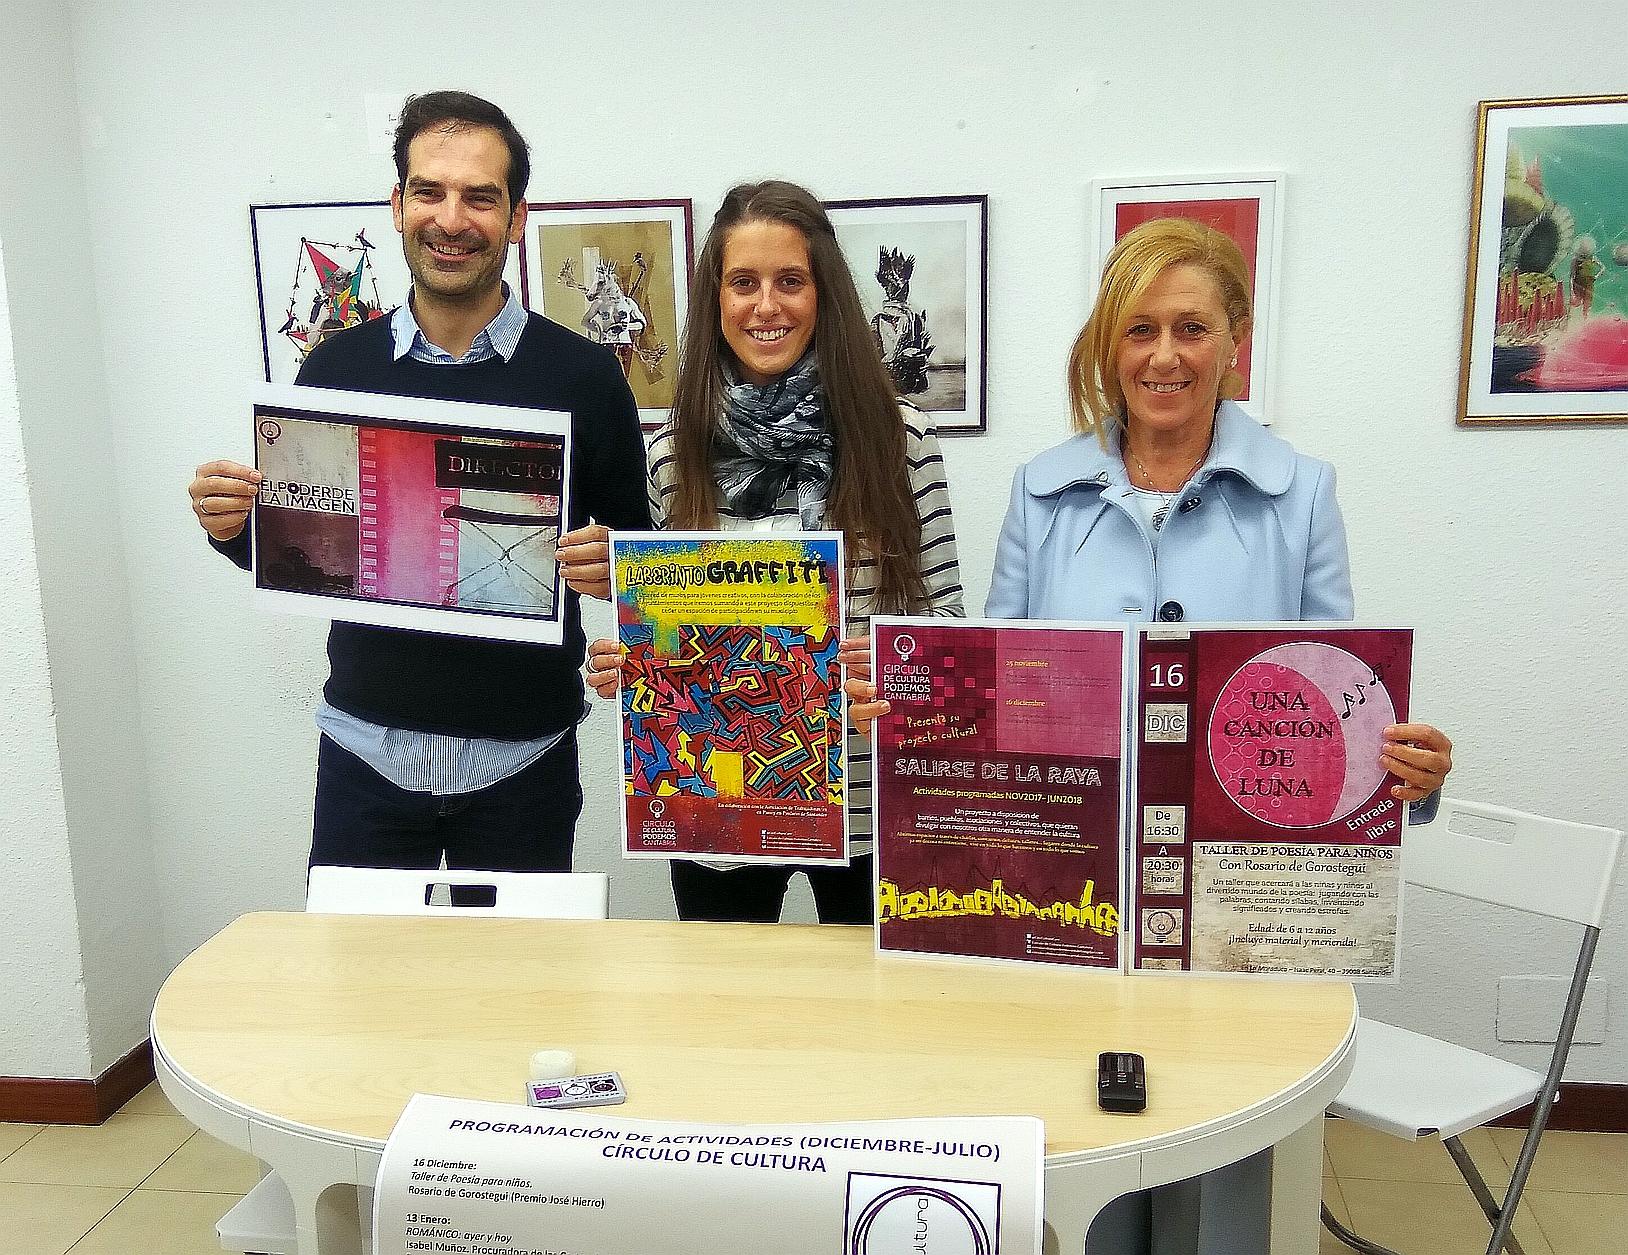 Podemos presenta la I edición del concurso de cortometrajes 'El poder de la imagen'